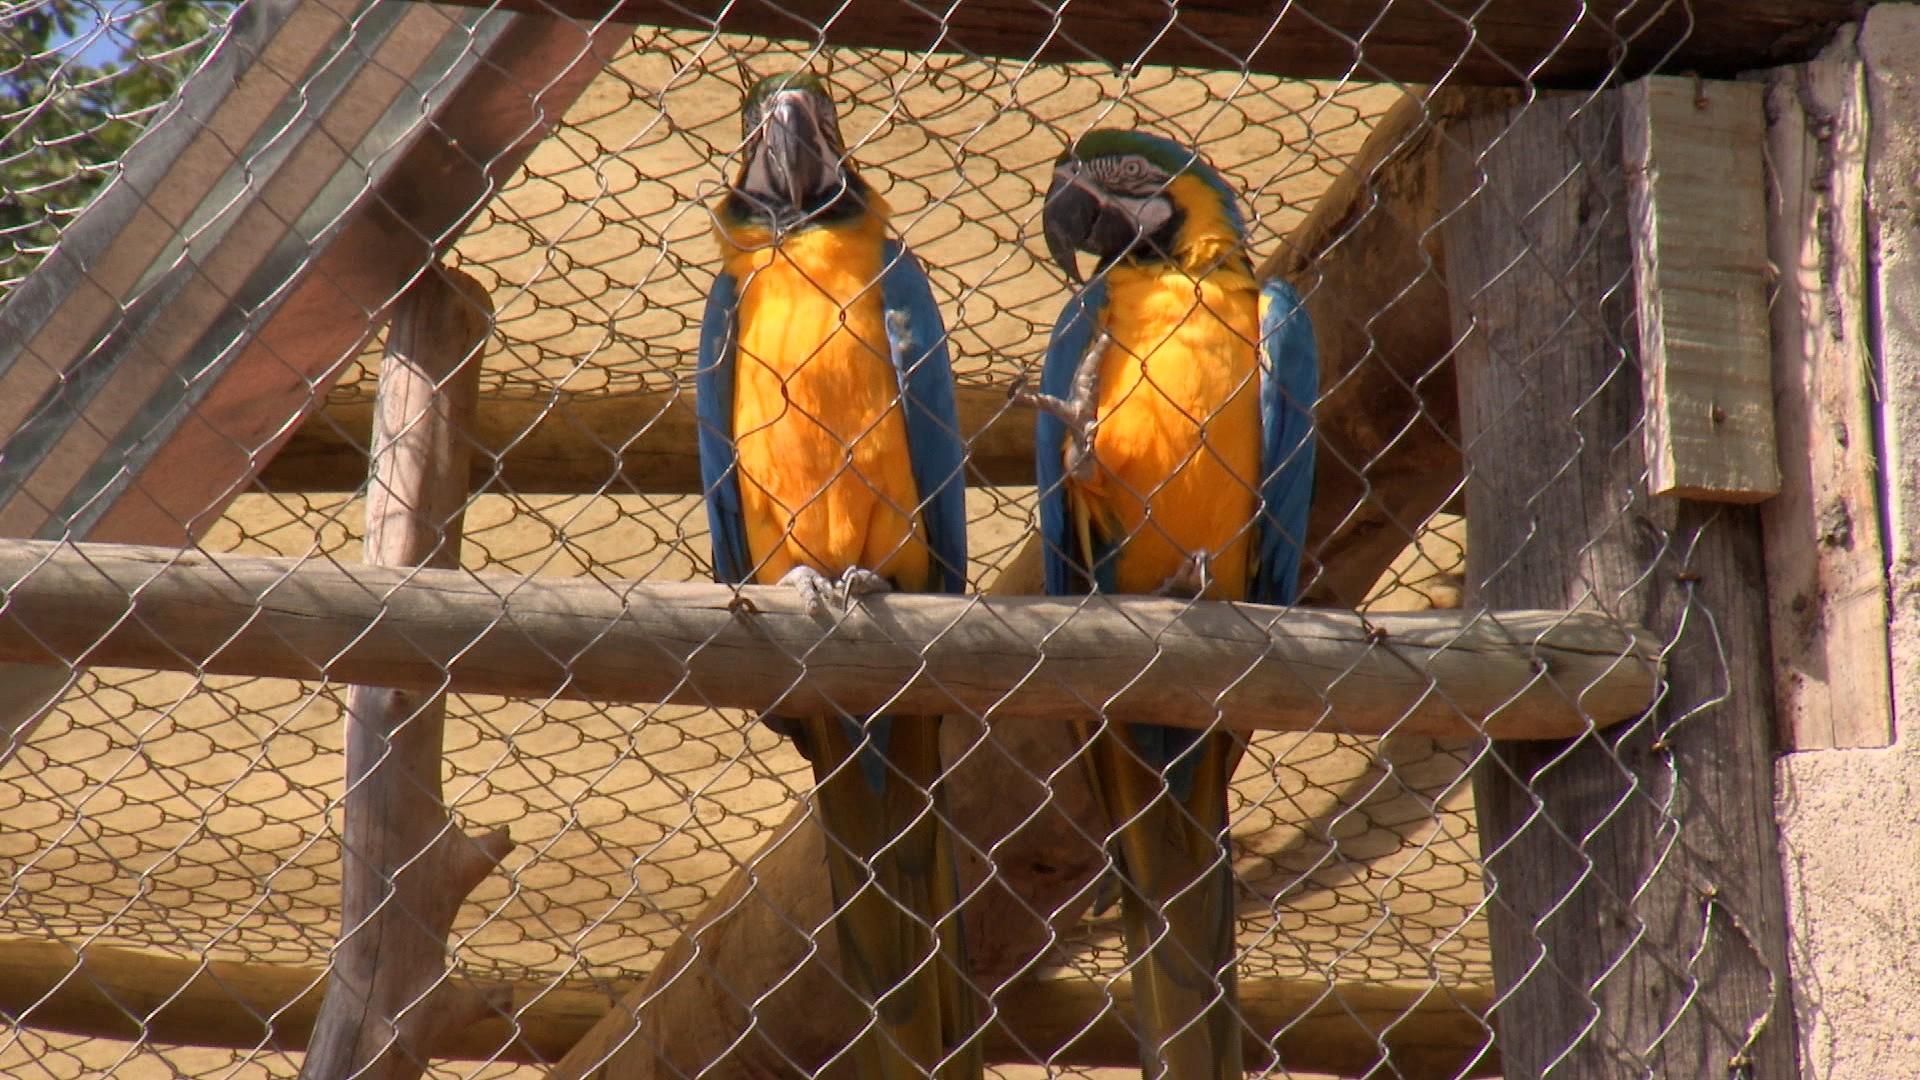 Casal transforma área em refúgio para animais silvestres em Lins